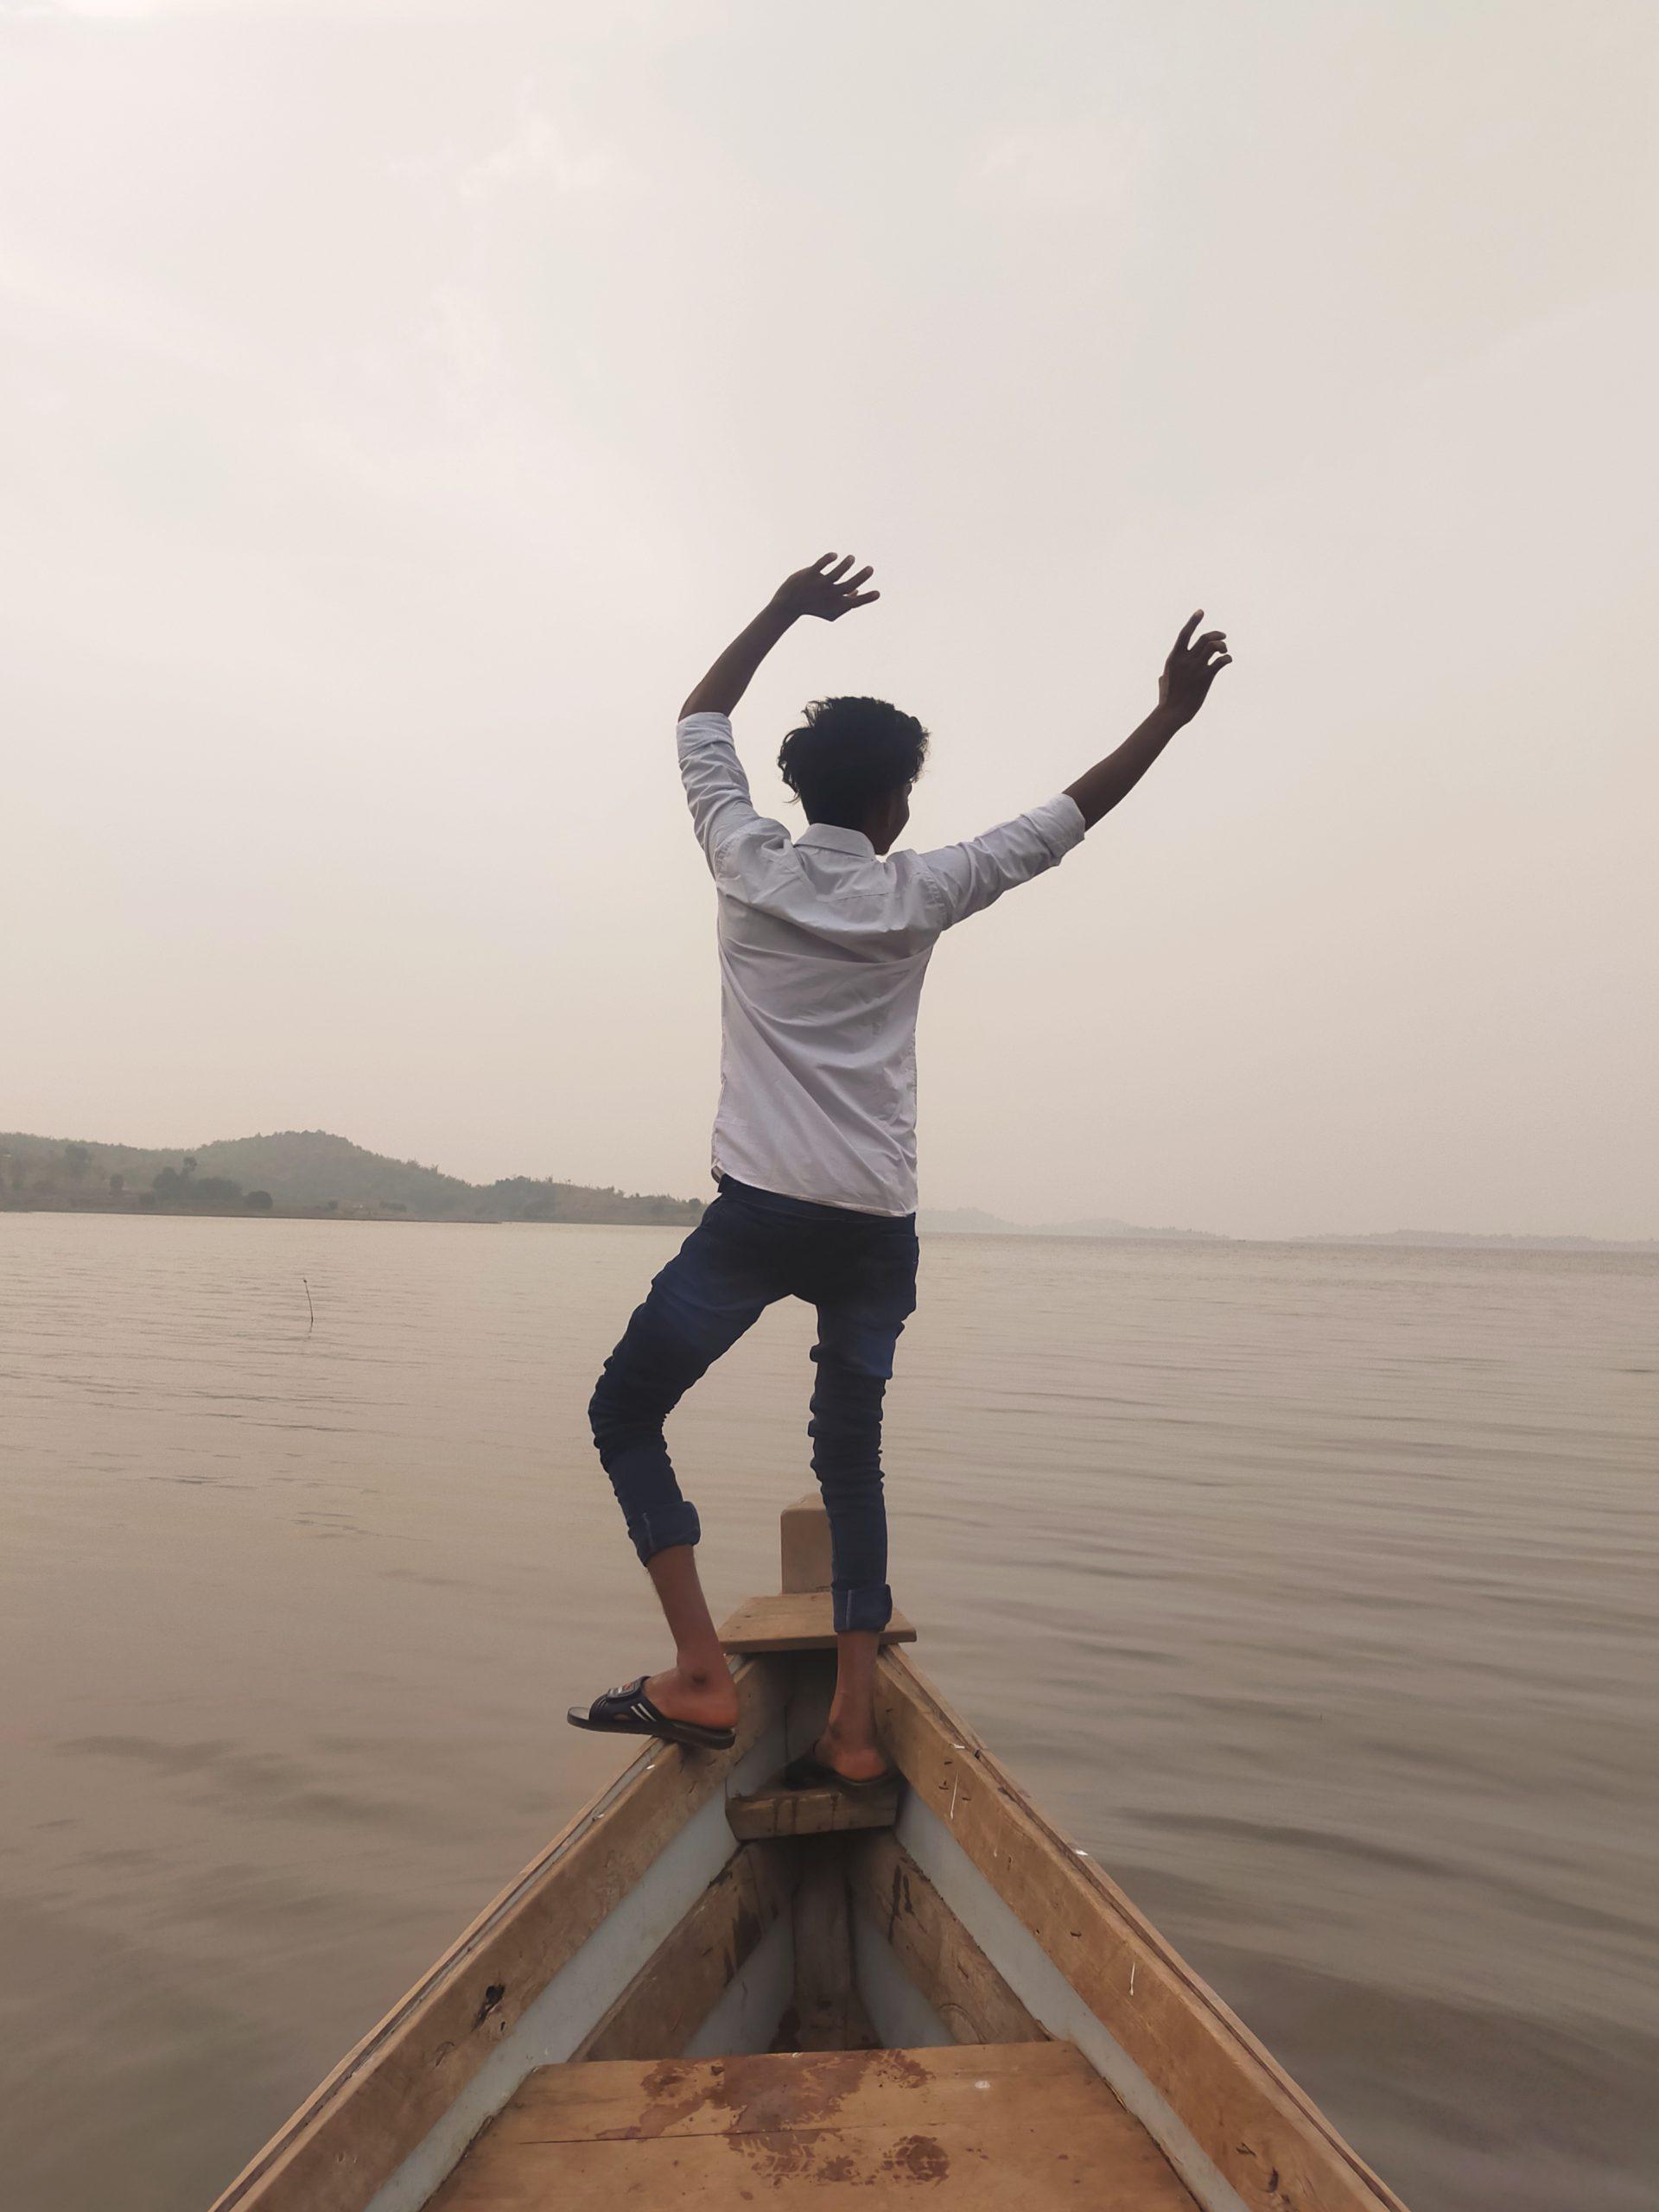 A boy enjoying at a boat